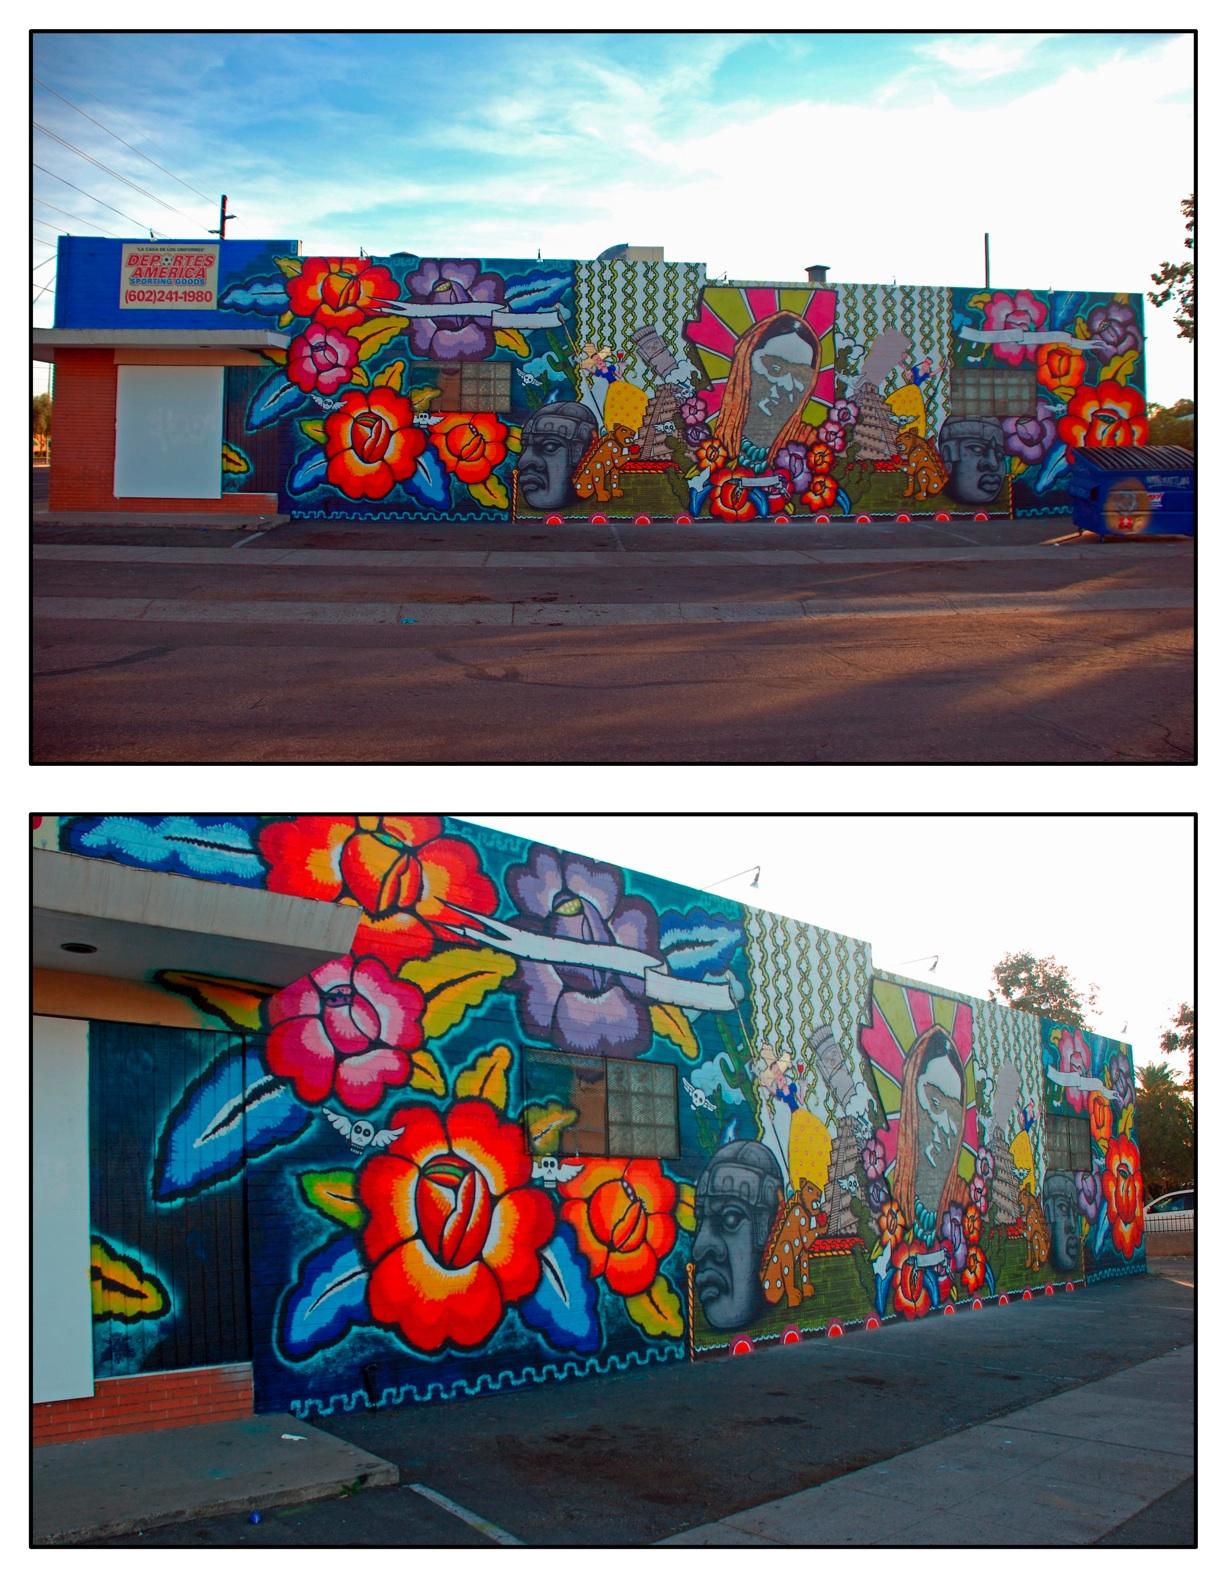 Calle 16 glenrosa journeys for Calle 16 mural project